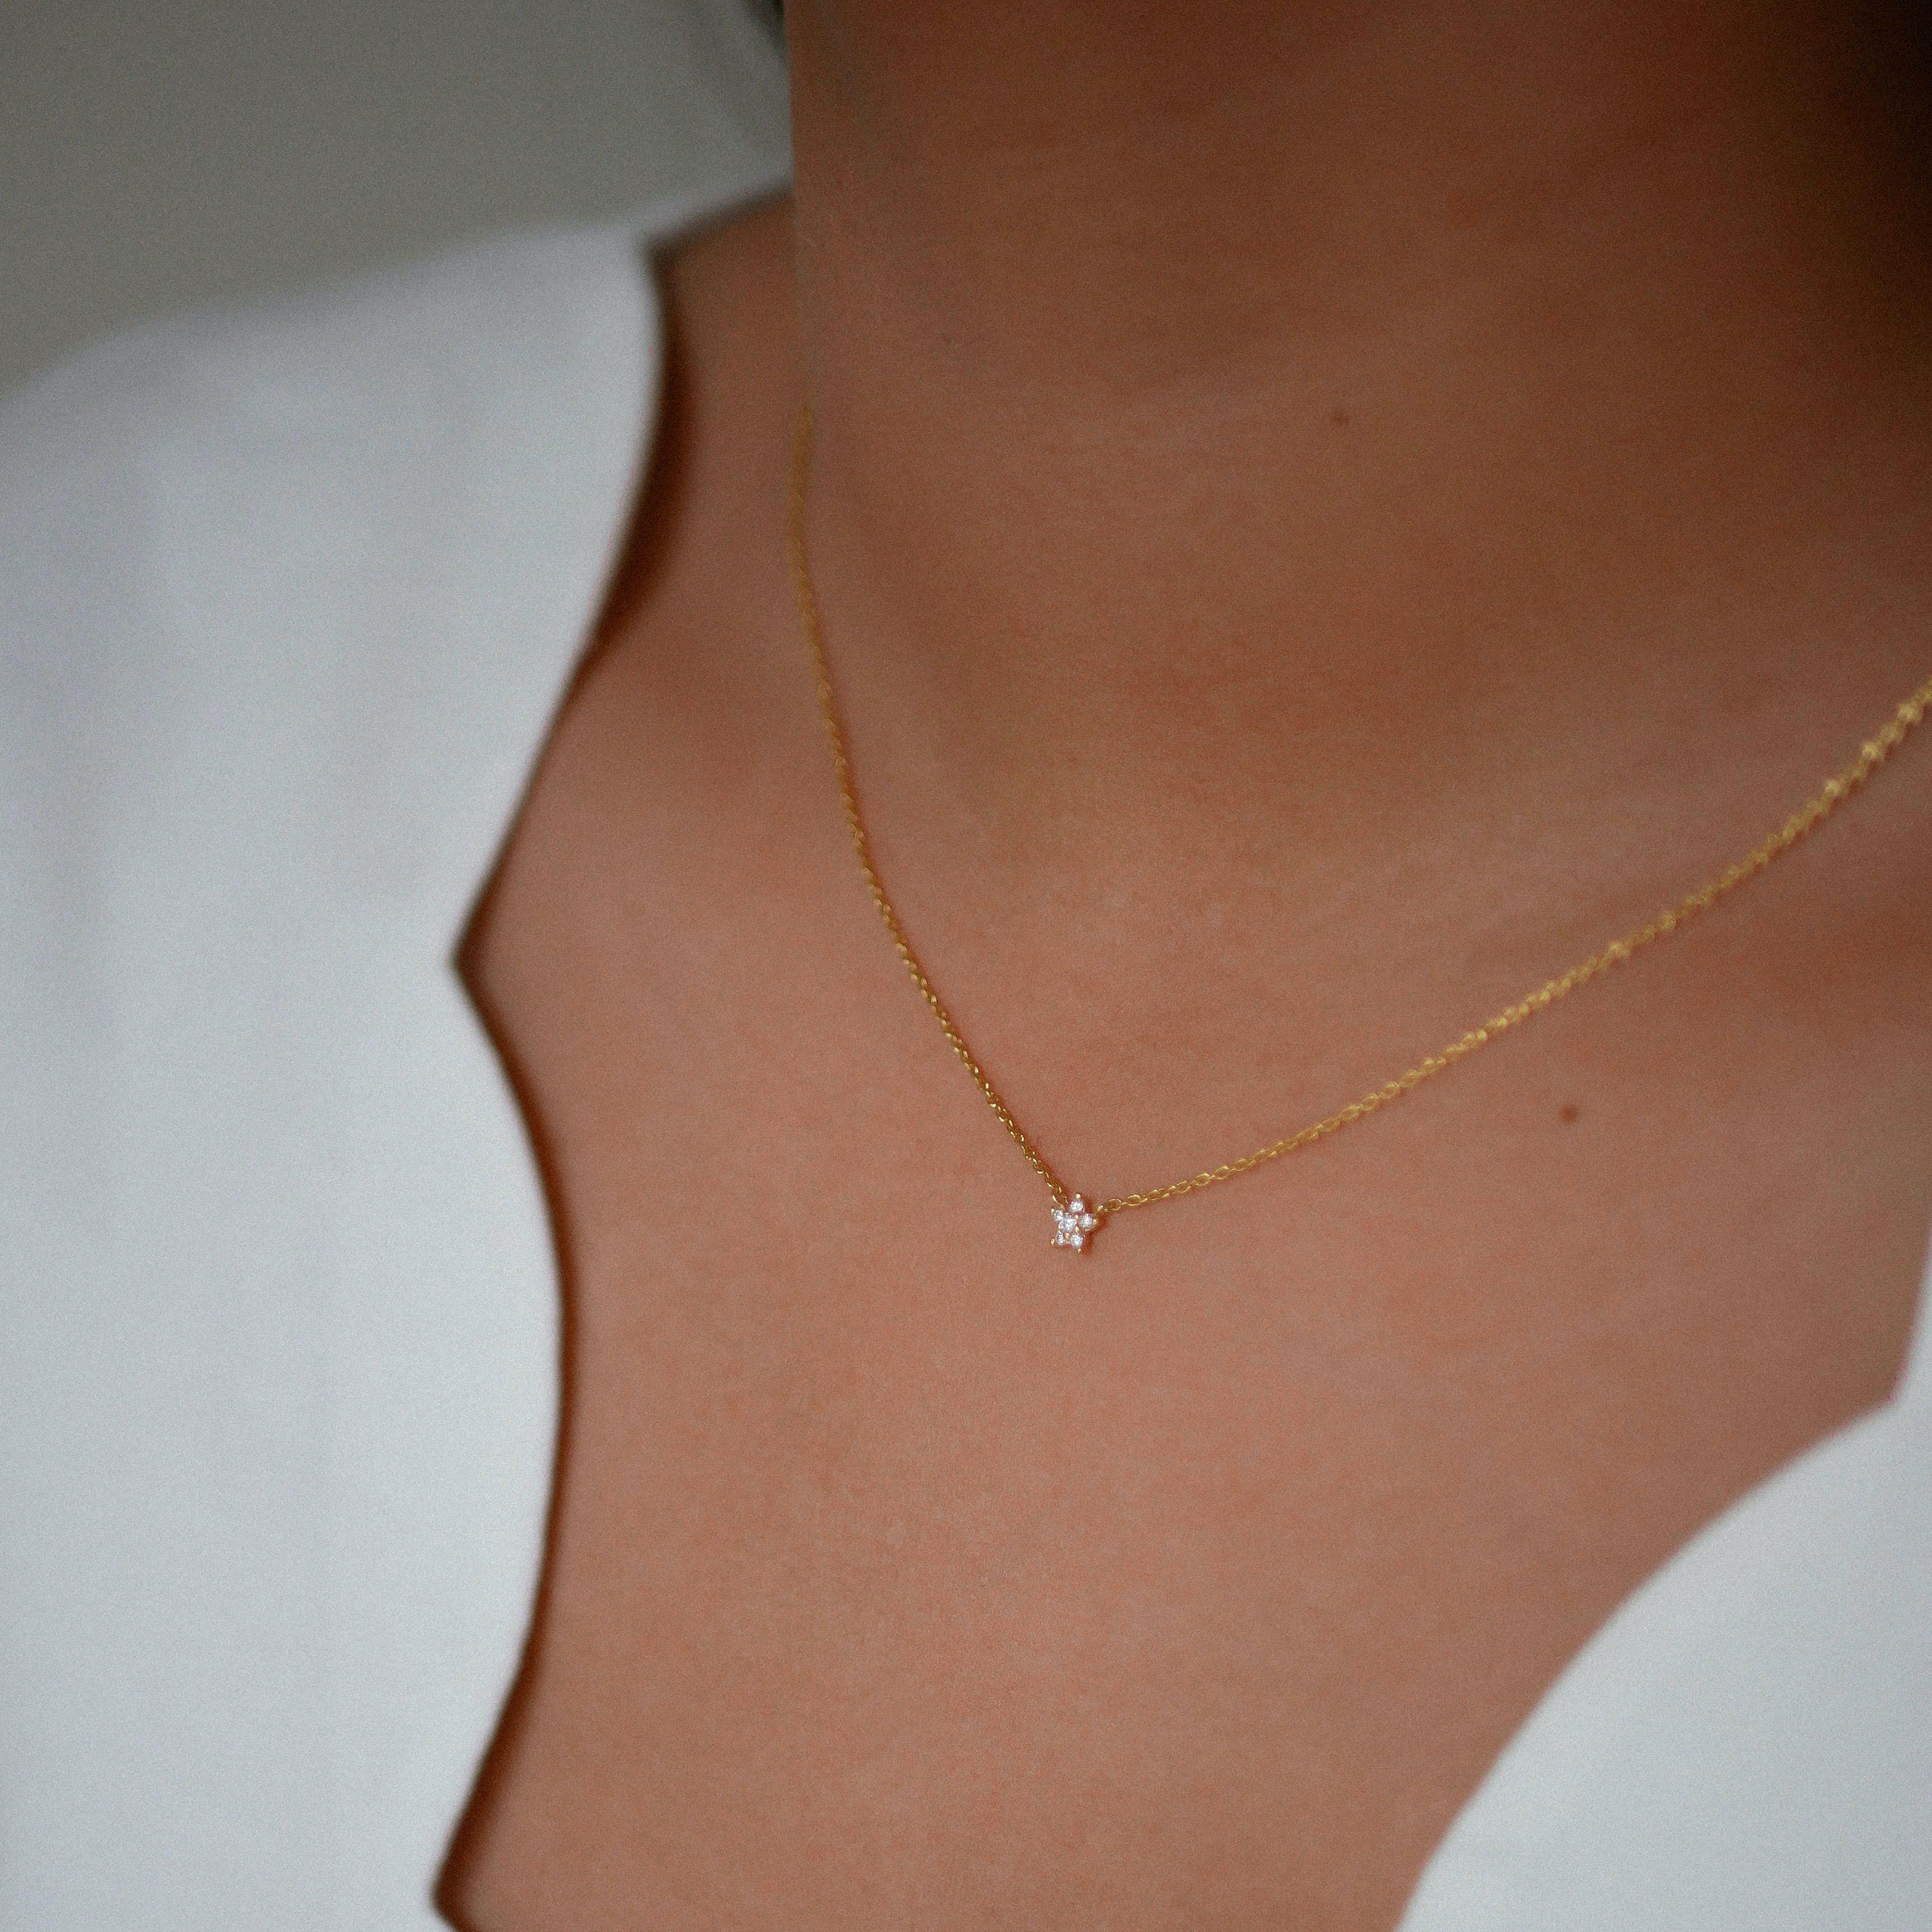 Fleur Necklace from Enamel Copenhagen in Goldplated-Silver Sterling 925